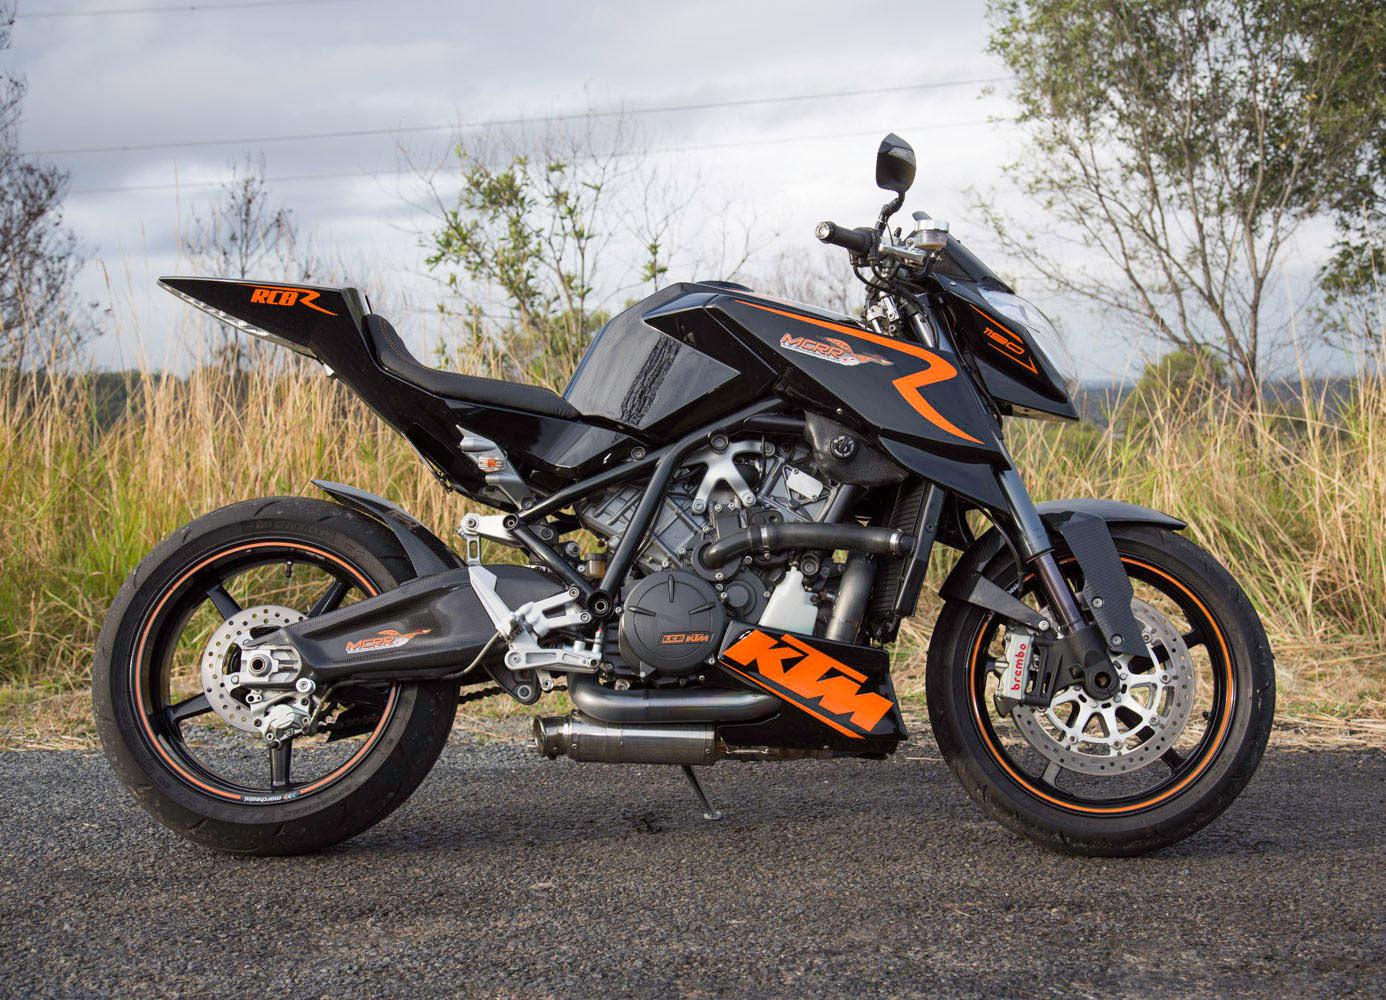 Buell Motorcycles For Sale >> KTM RC8R 1190 Naked - MC RoadRunner | MC RoadRunner